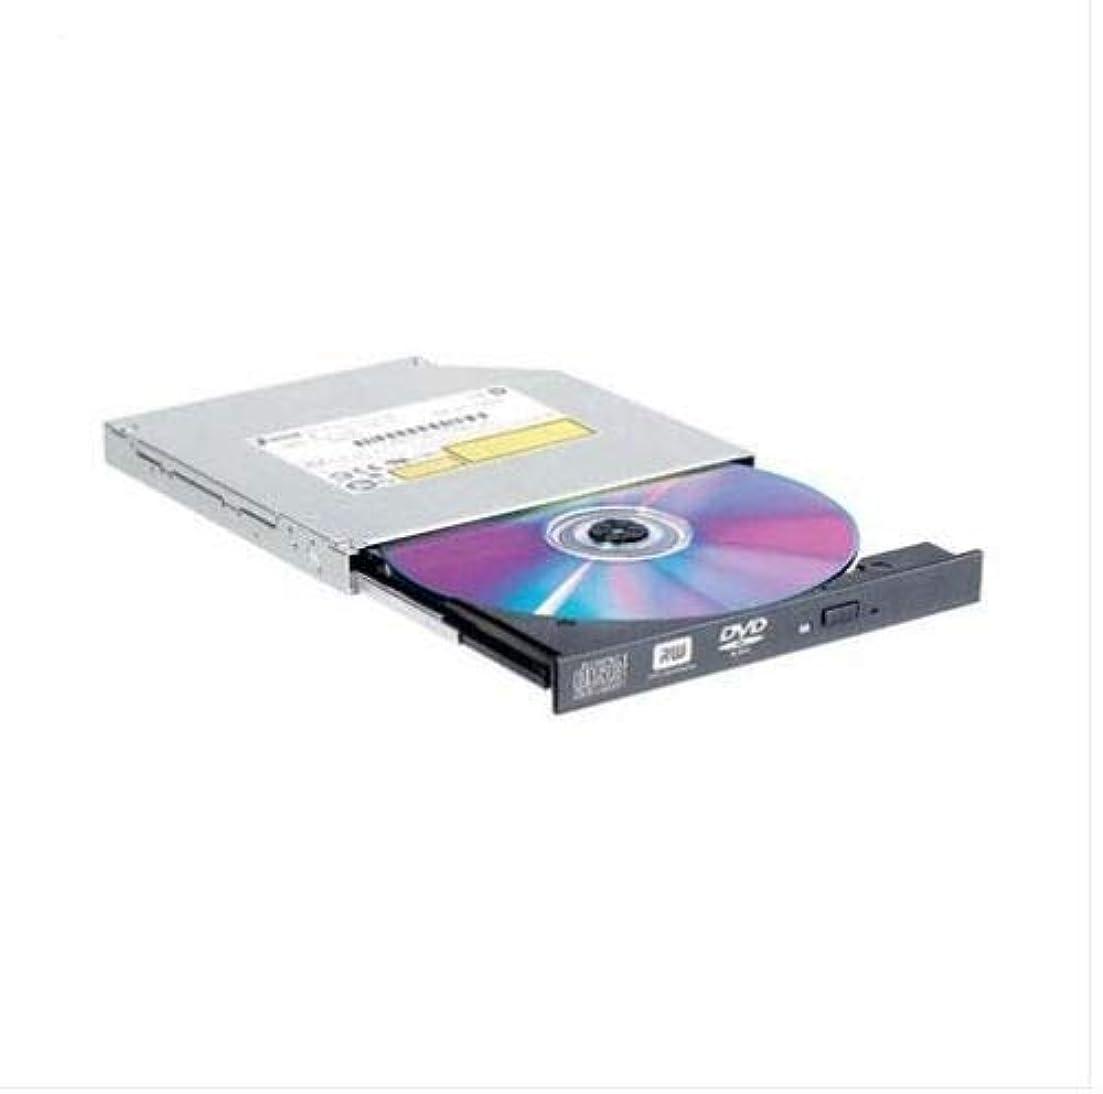 麦芽拡大する赤ちゃんDVDドライブ D E L LのInspiron N7010 N7110 N5010 N5110のために互換性のあるDVDバーナーライターCD-RのROMプレーヤーのドライブ SGSJP